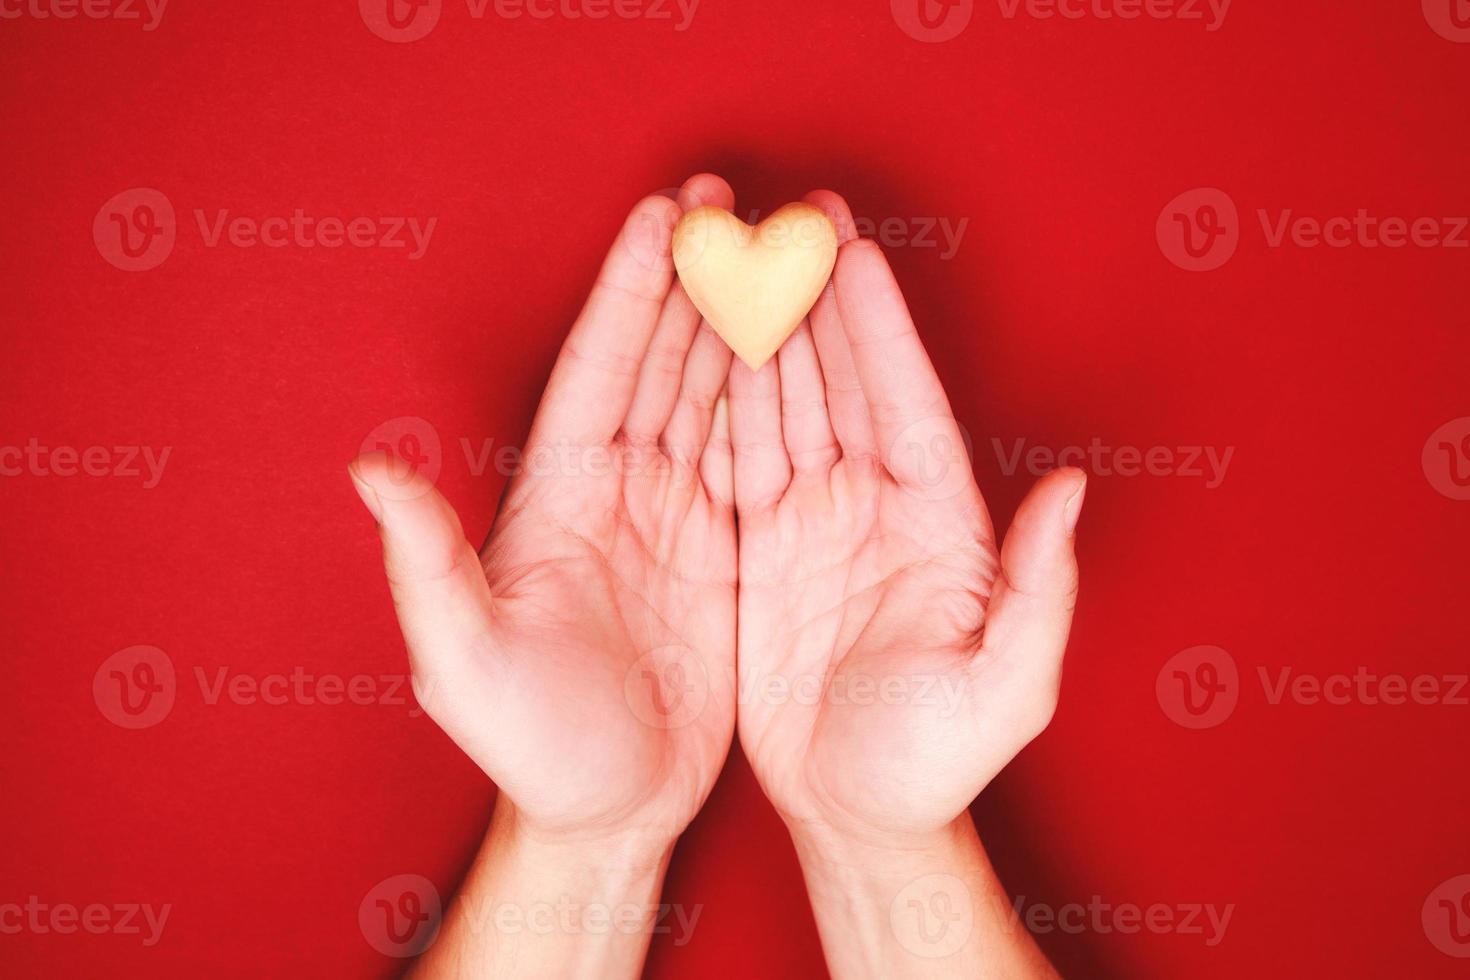 duas mãos segurando um pequeno coração de madeira genly foto